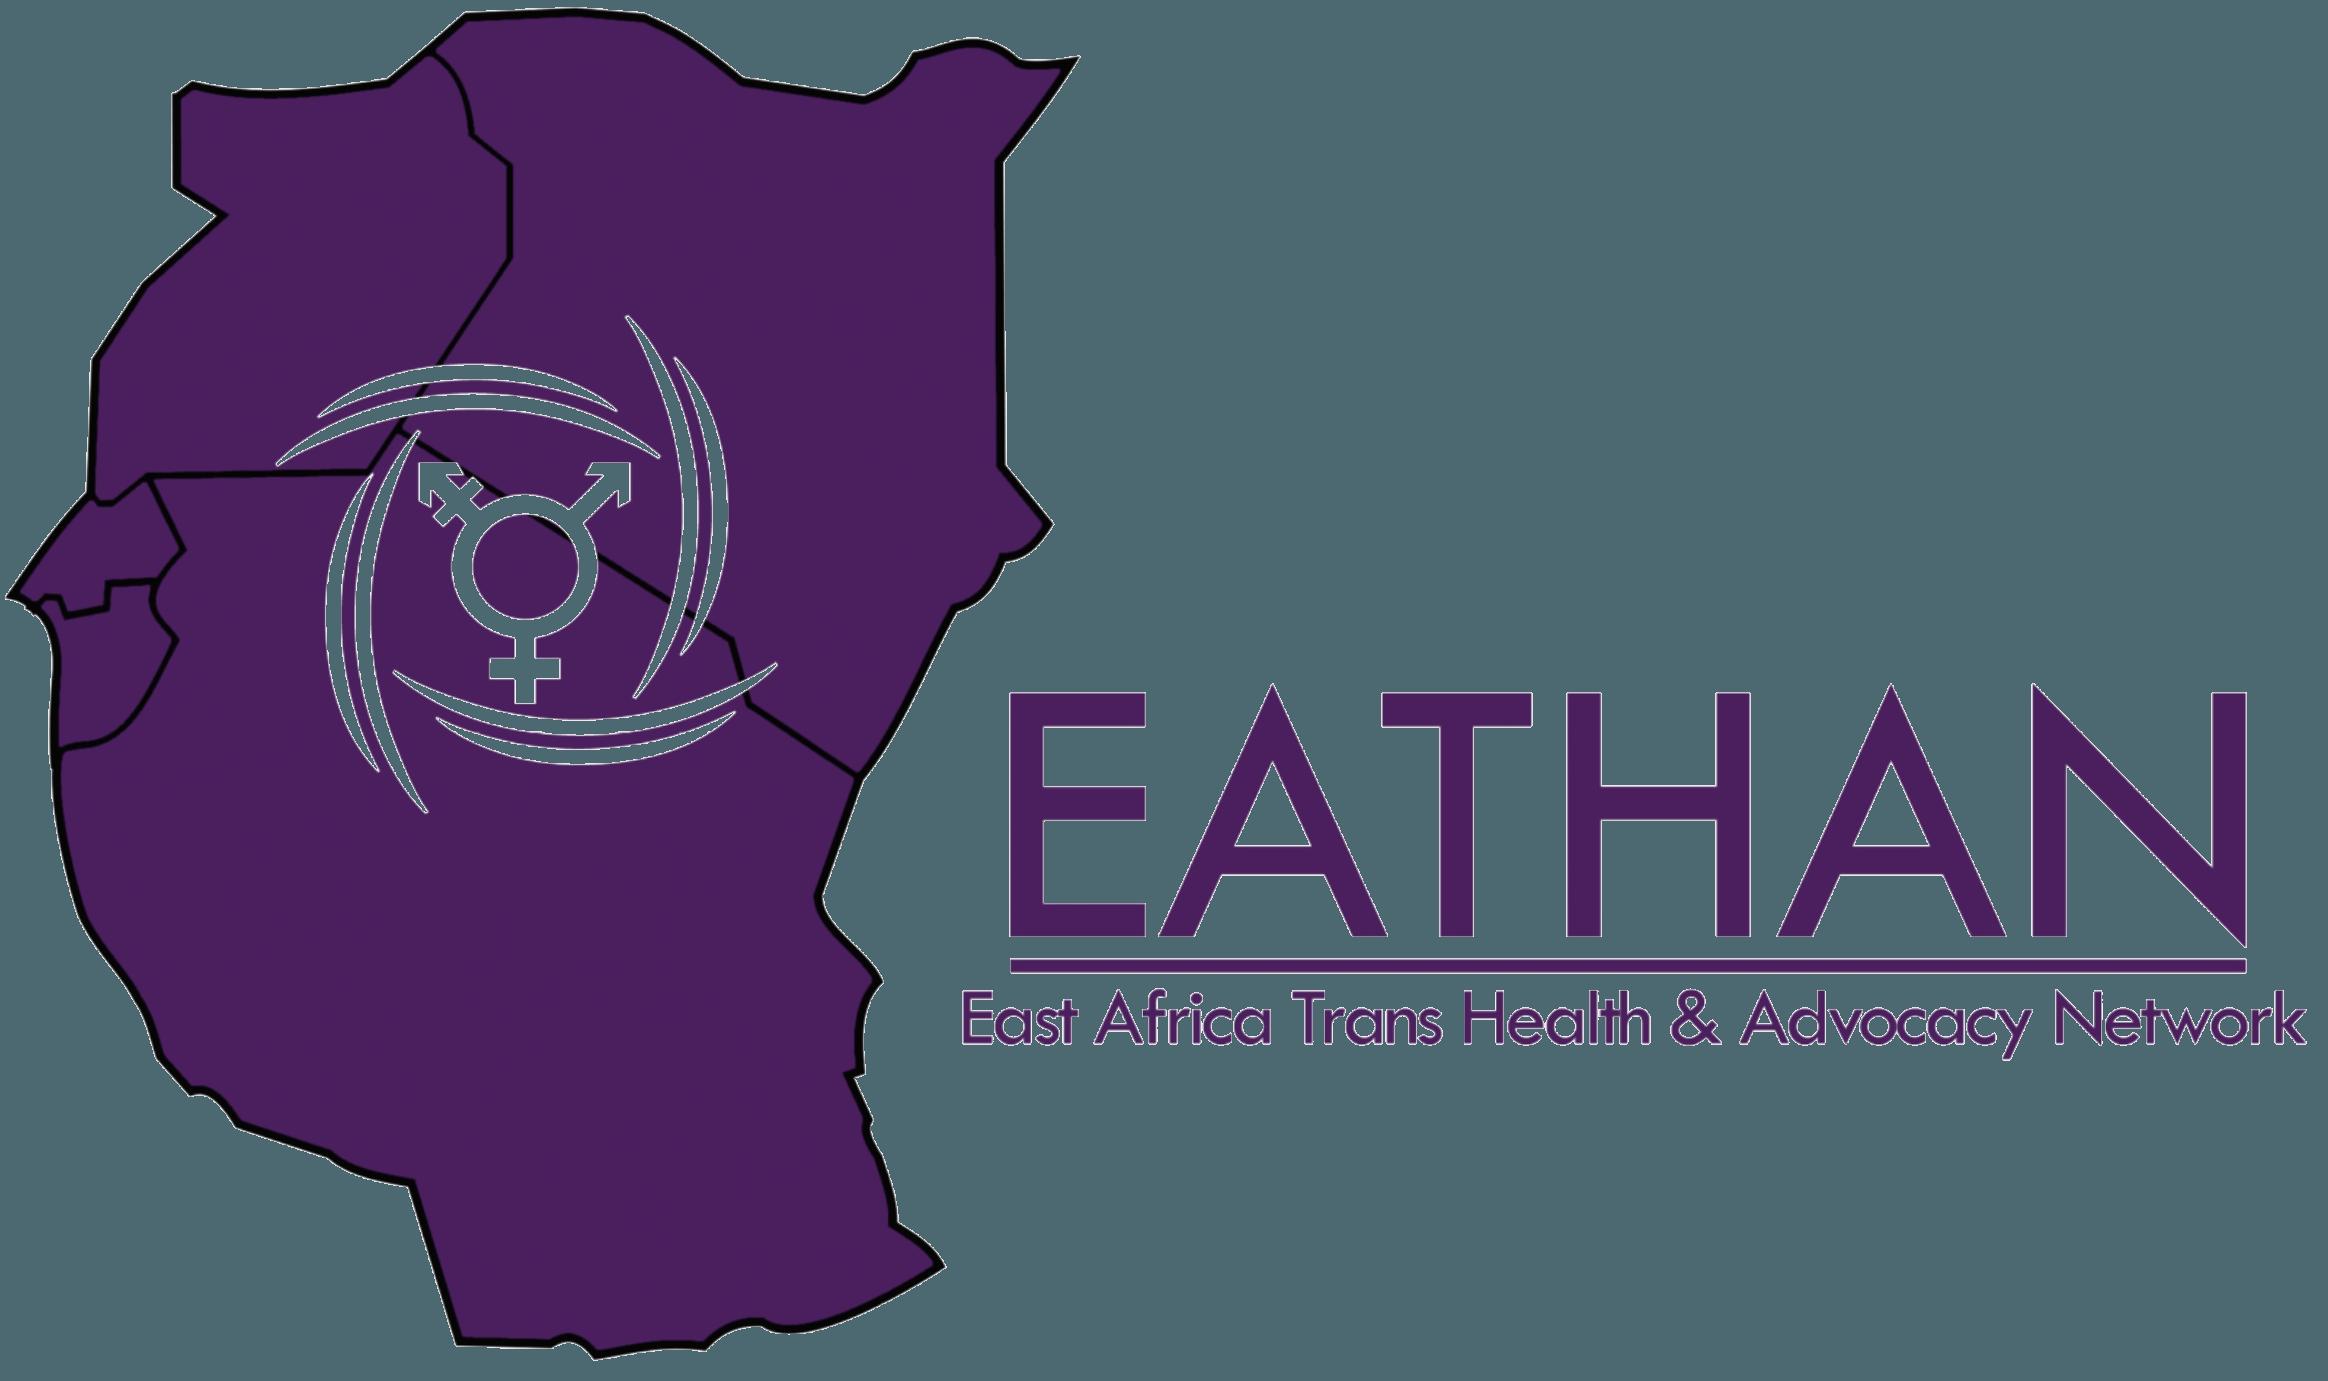 EATHAN